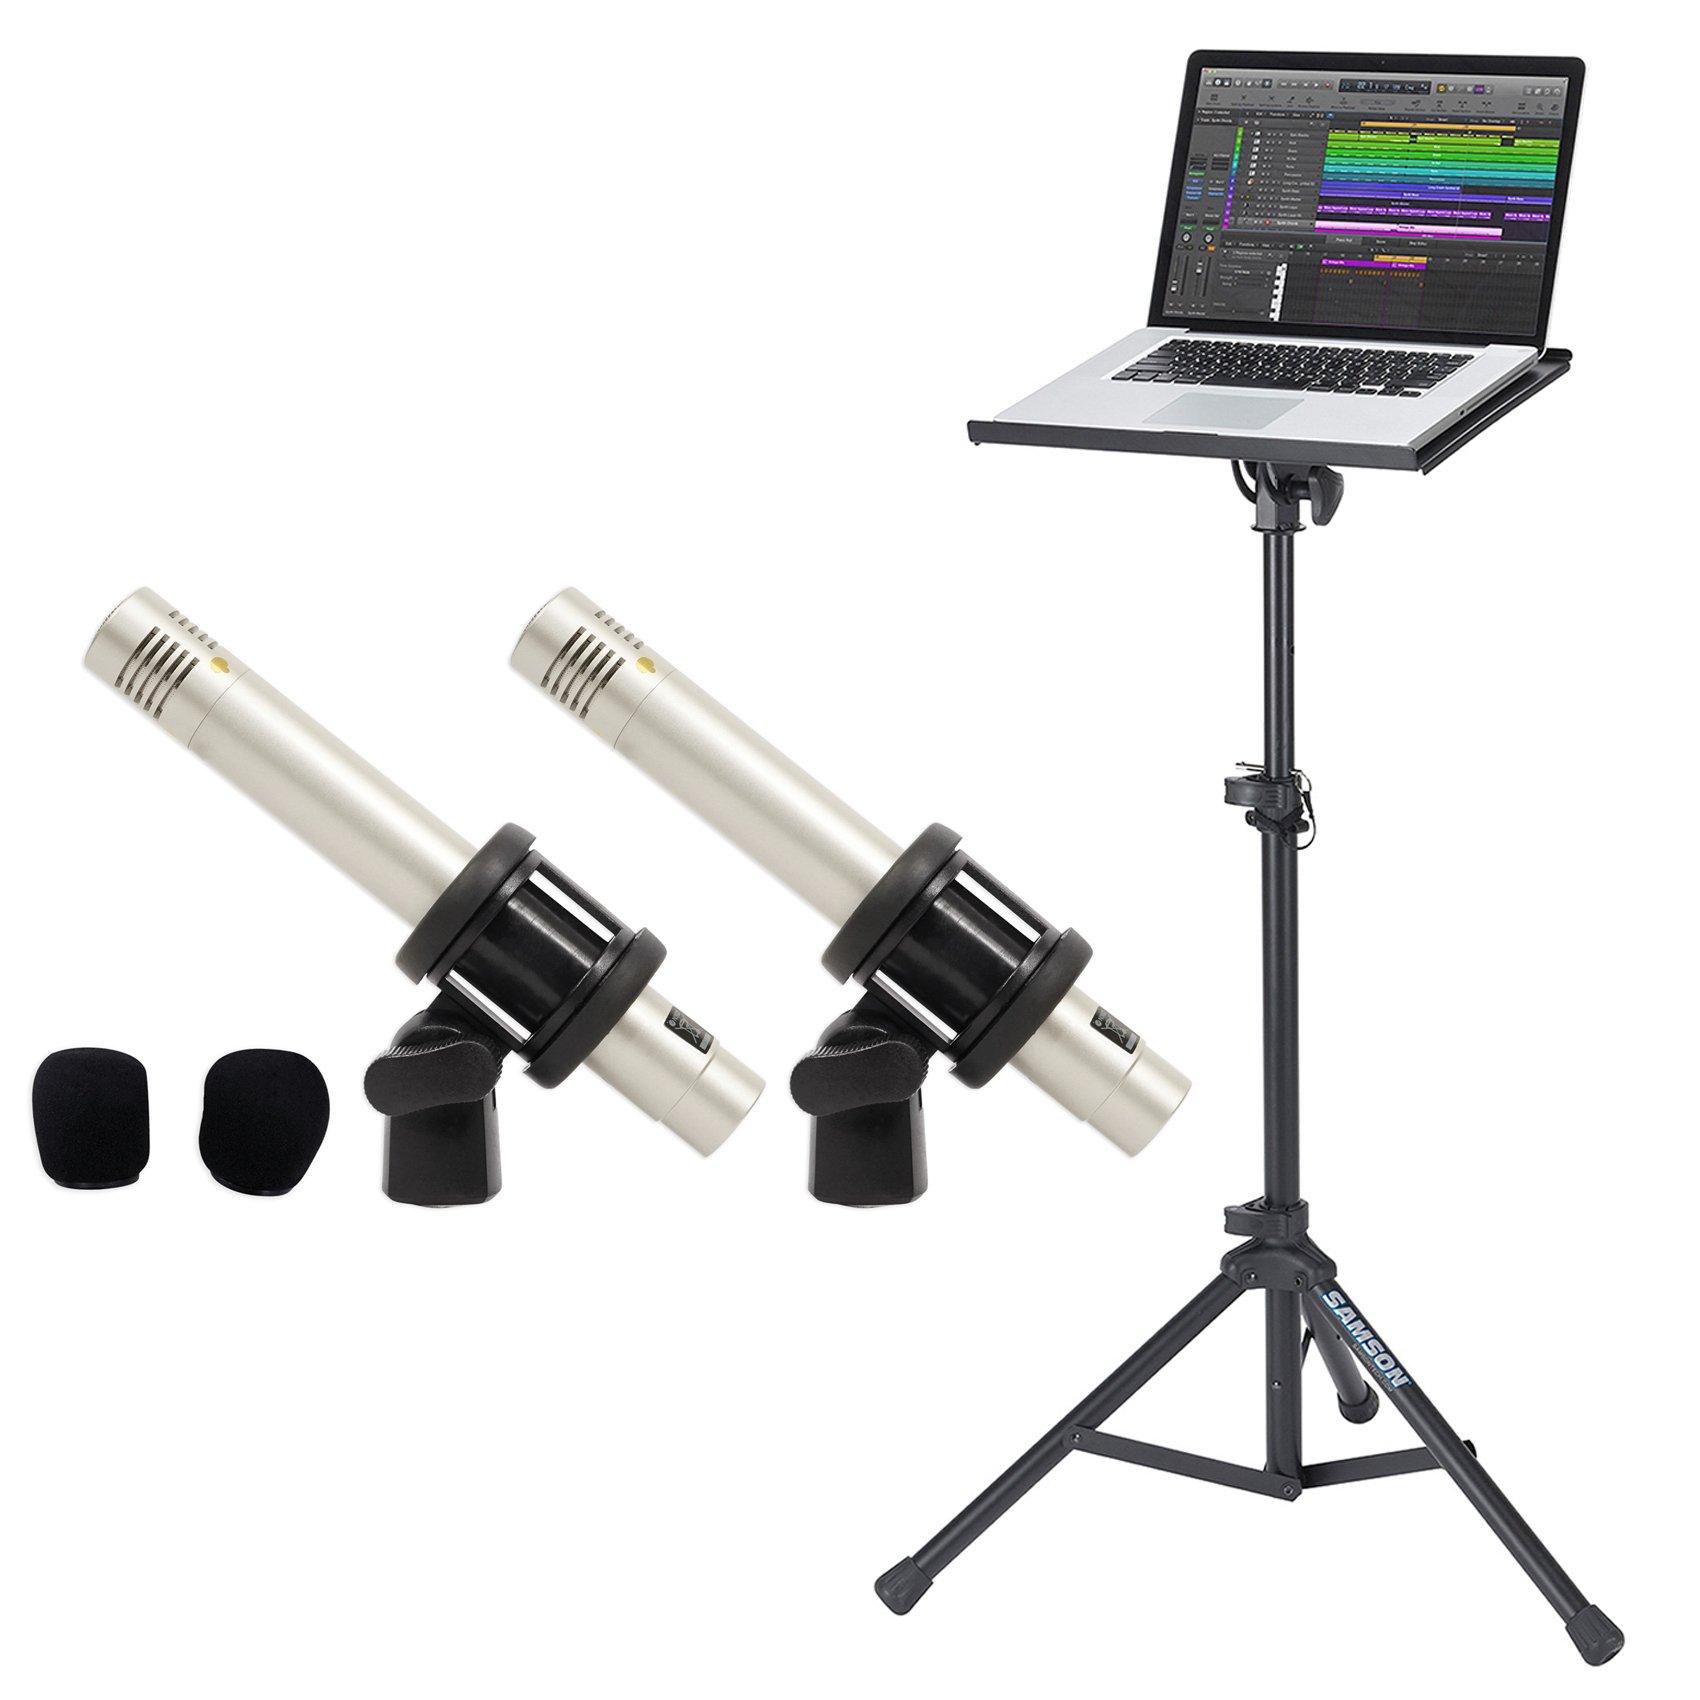 Samson C02 Pair Pencil Condenser Studio Recording Microphones Mics+Laptop Stand